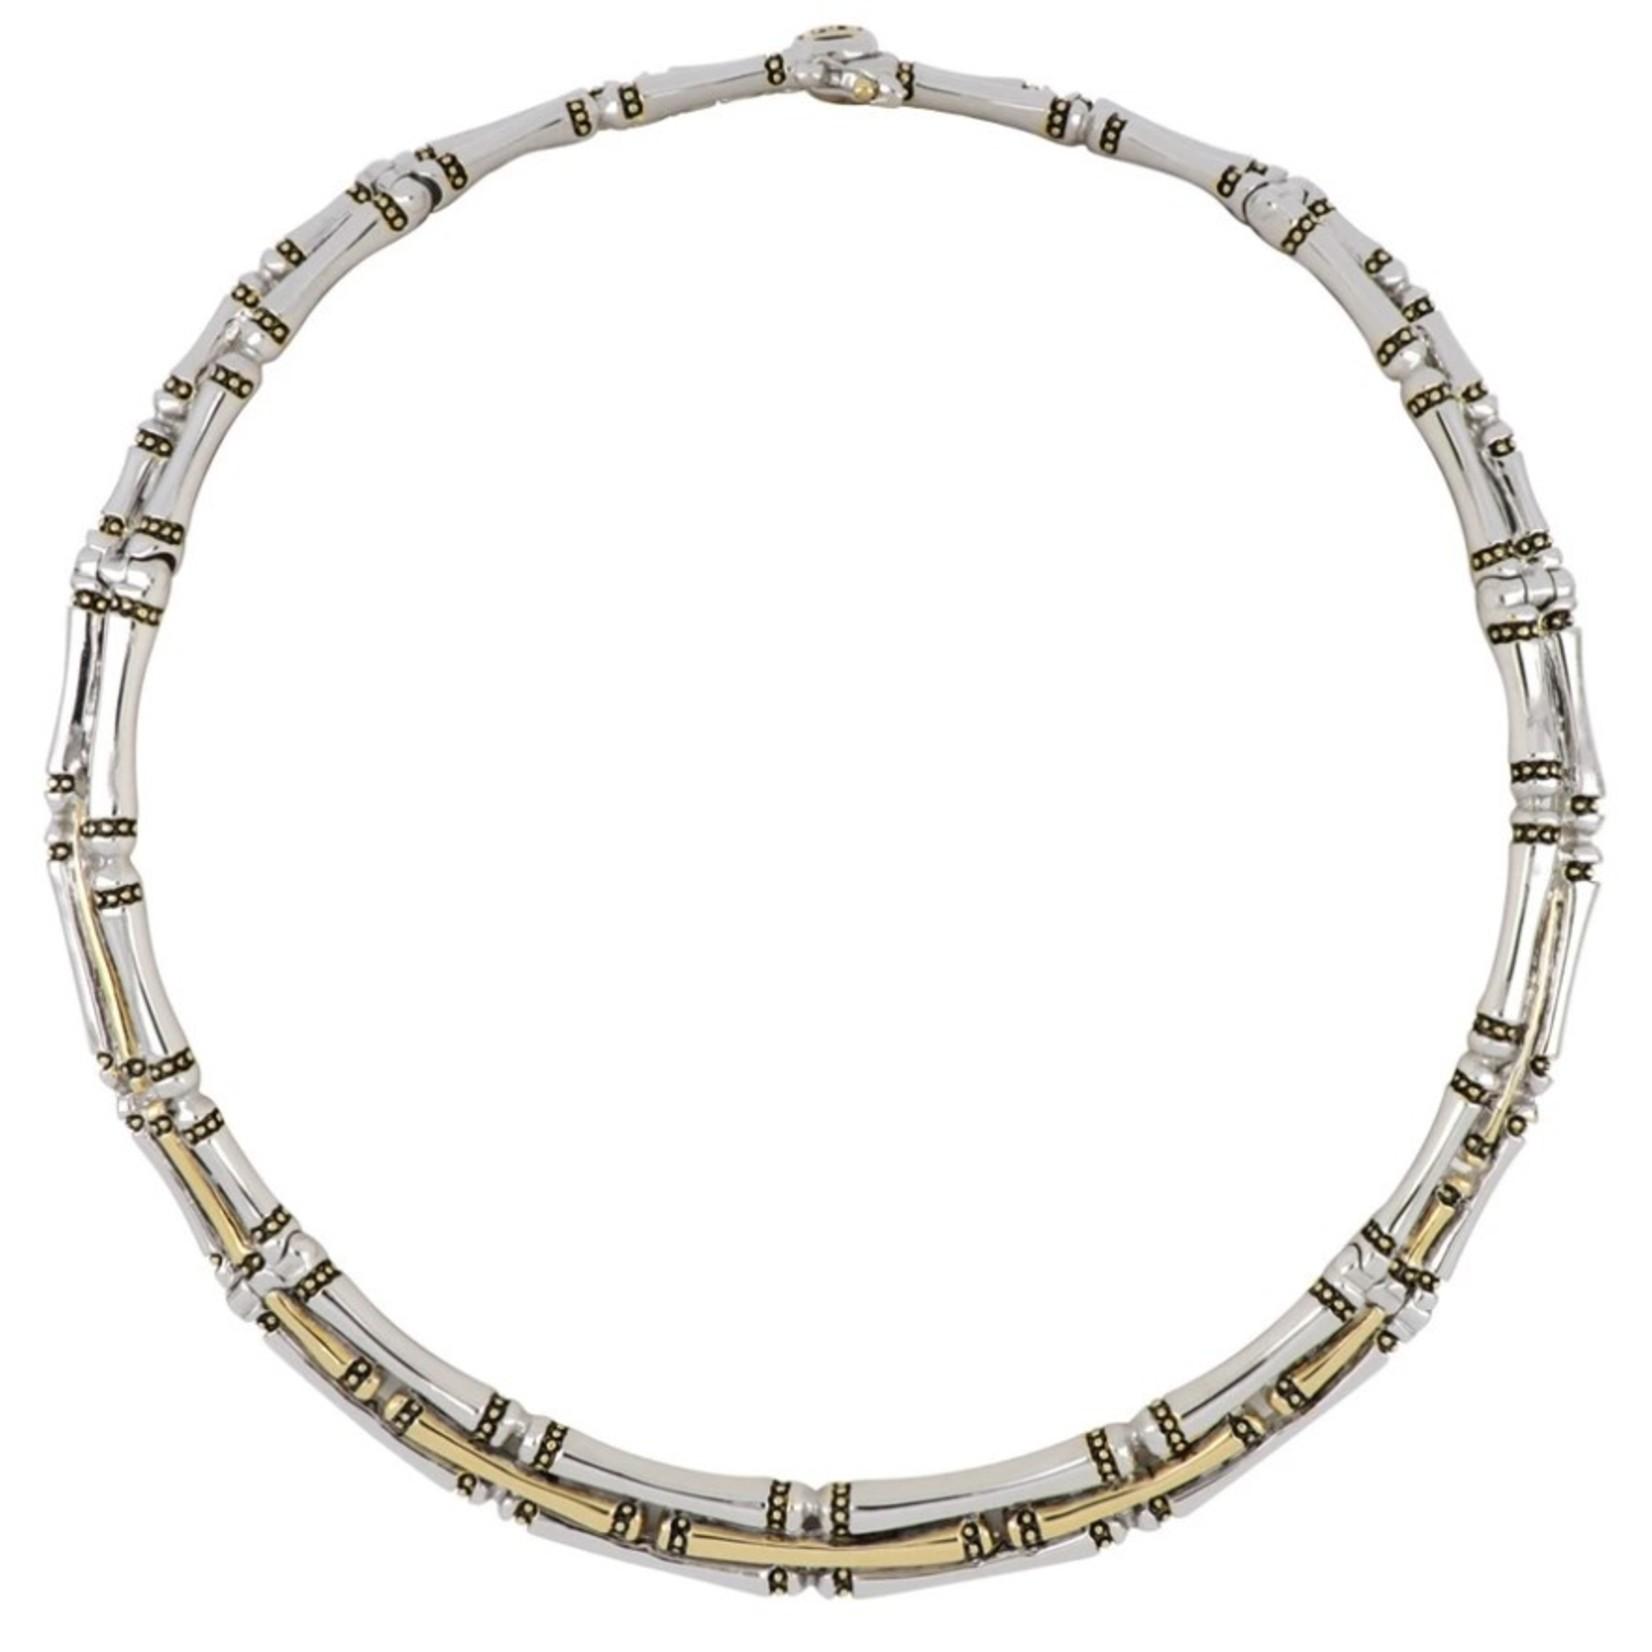 John Medeiros John Mederios Canias 3 Row Necklace